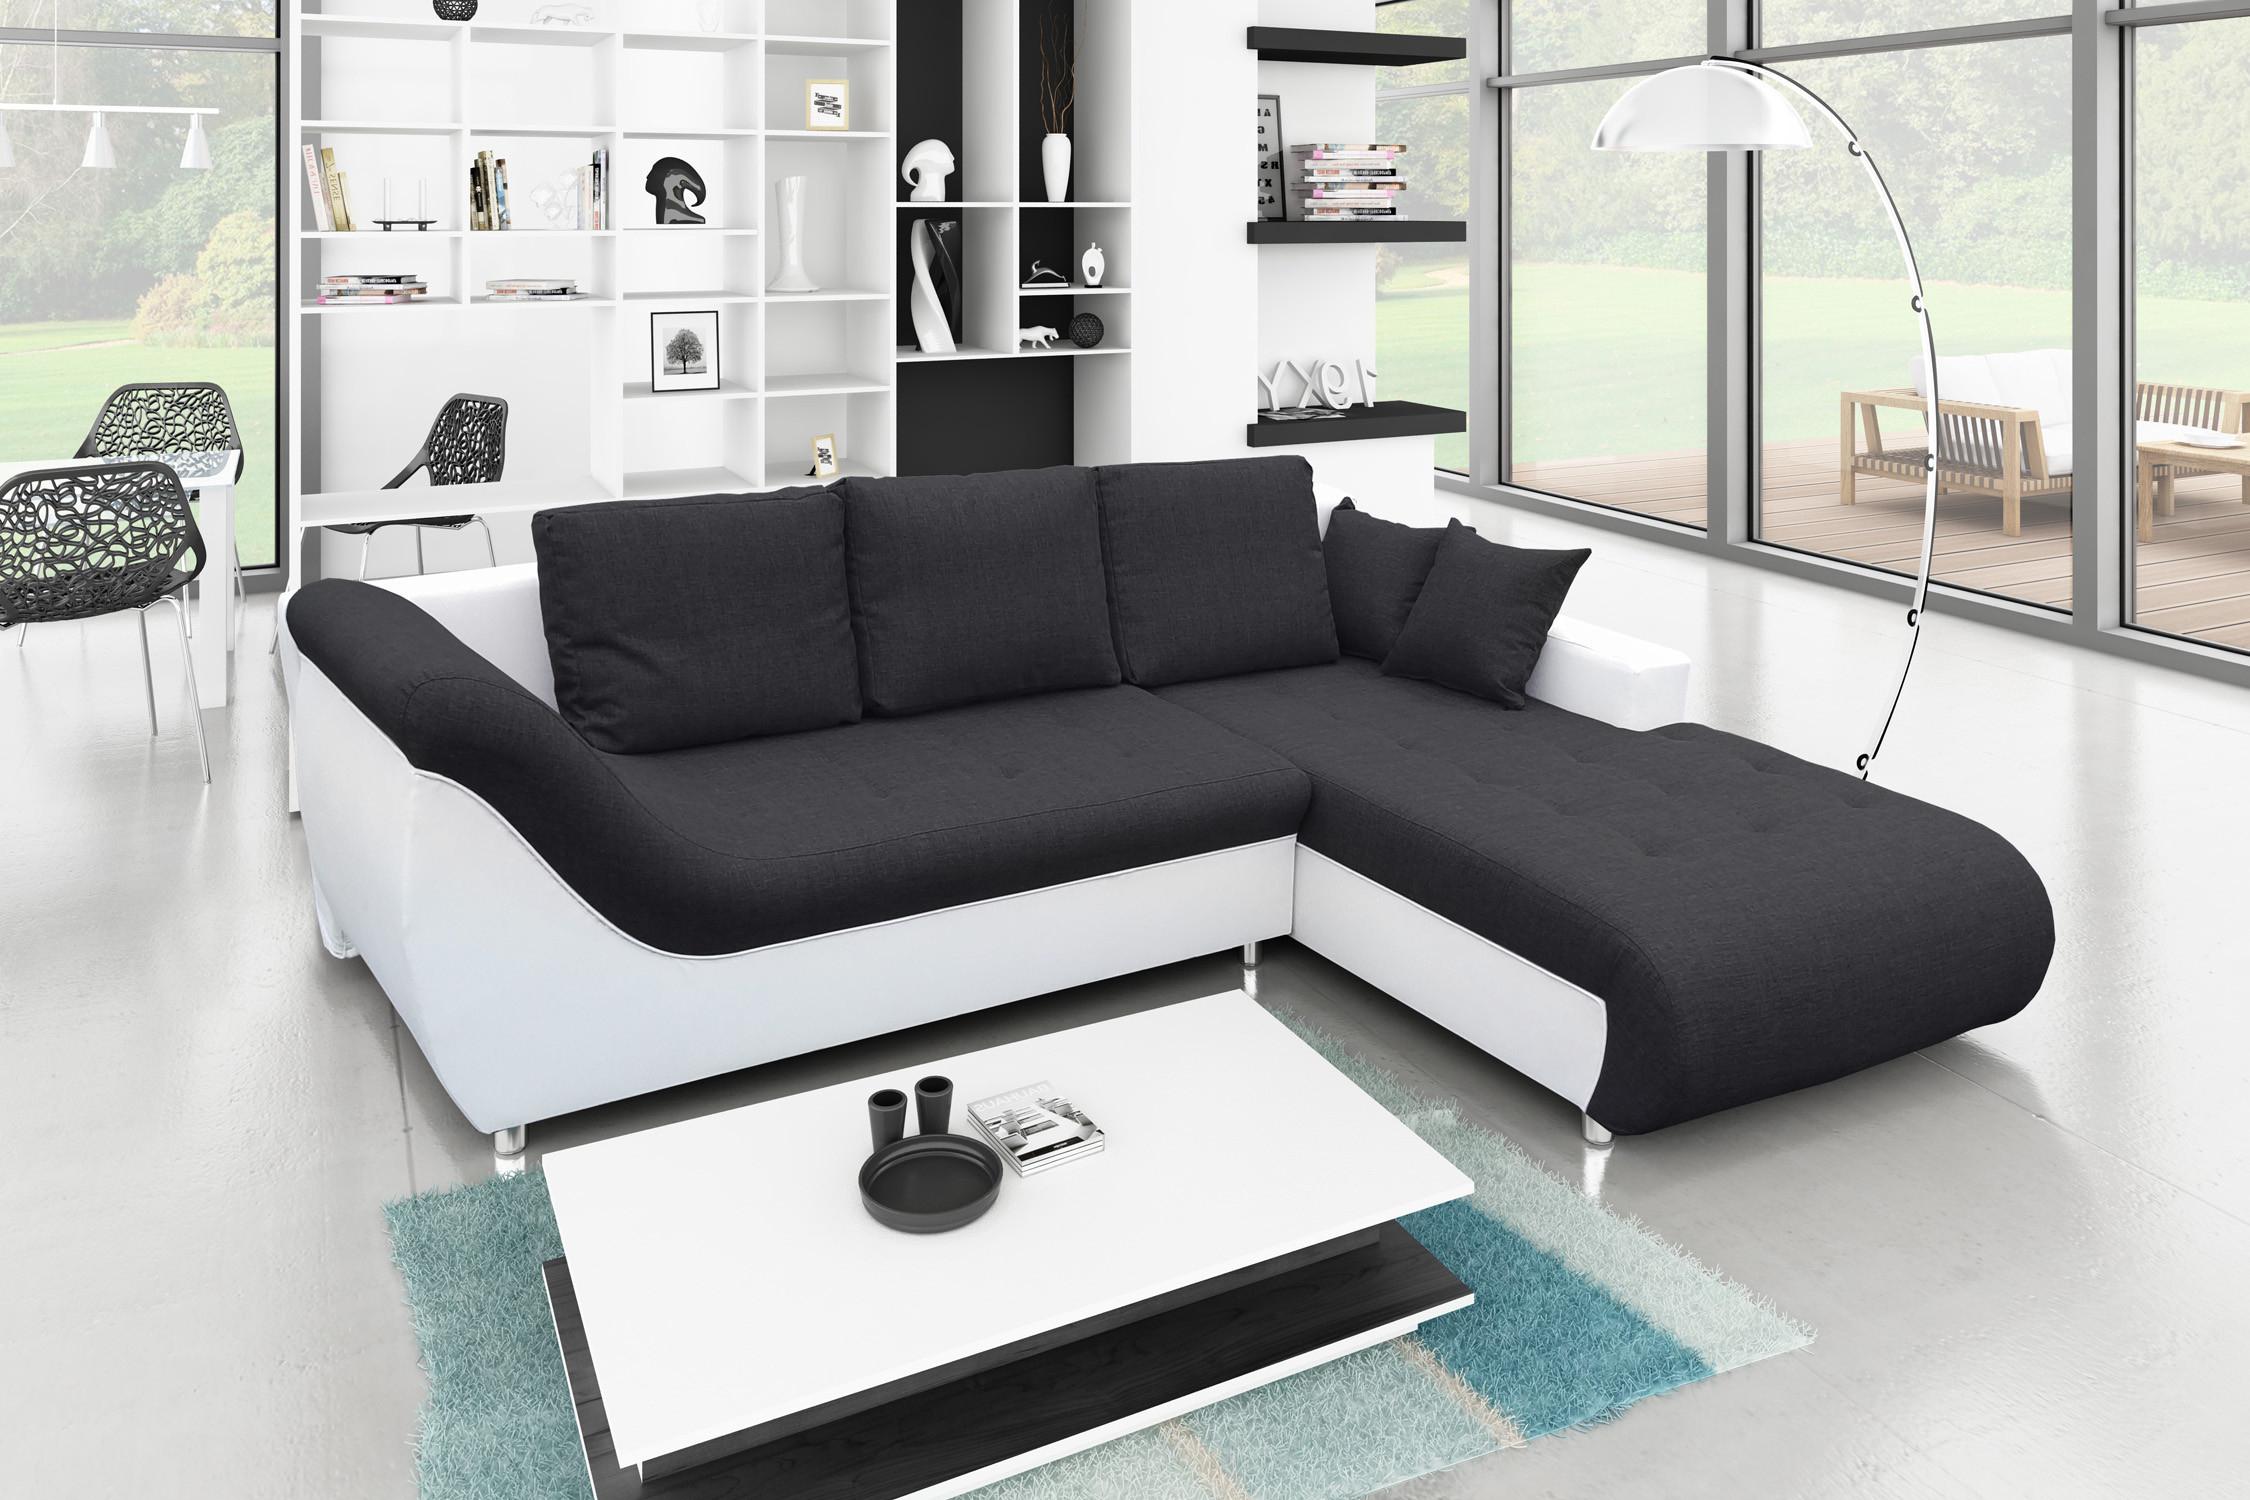 Canapé Lit Pas Cher Conforama Impressionnant Images Mini Canapé Pour Chambre Unique Lit En Hauteur Conforama 19 Superpos